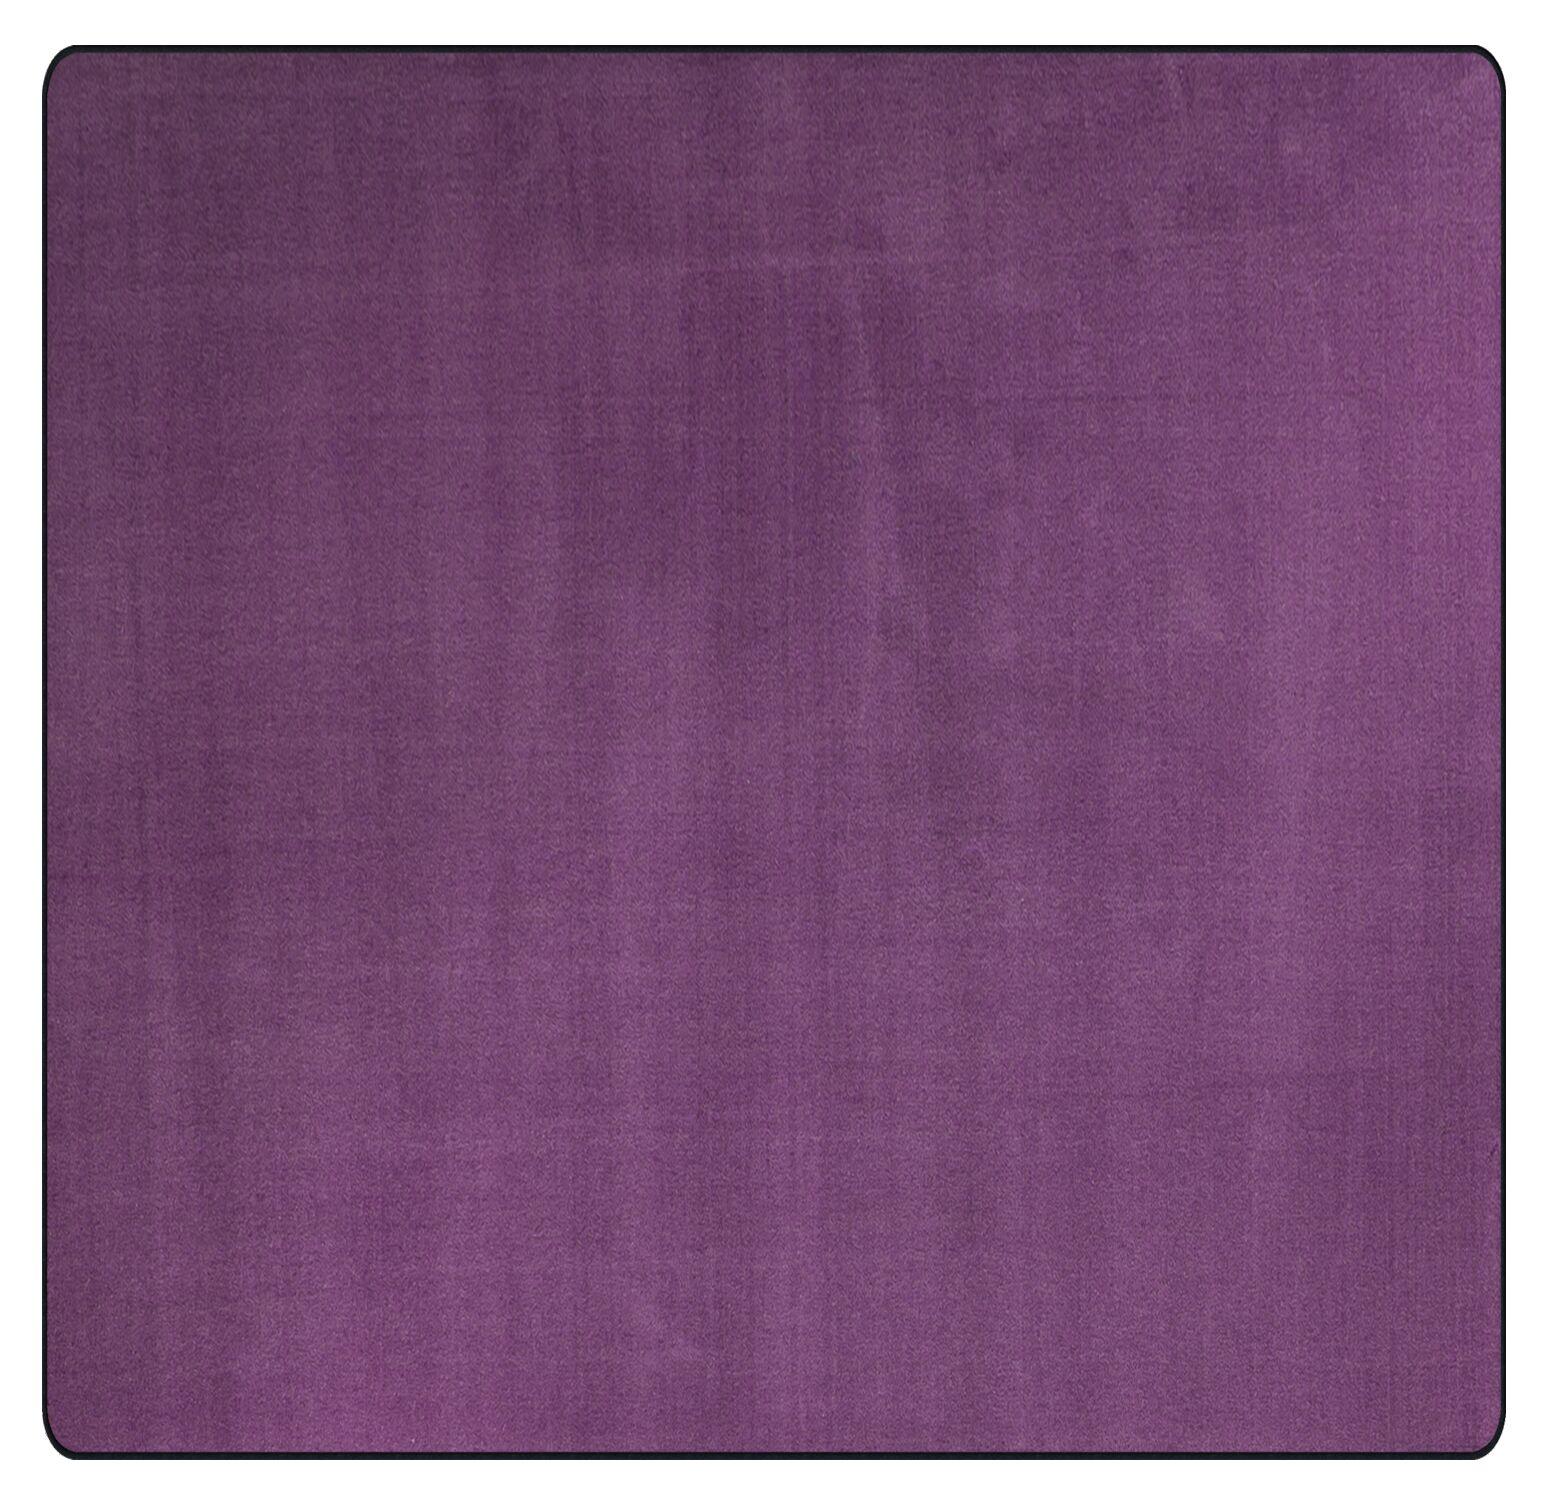 Americolors Pretty Purple Area Rug Rug Size: Square 6'